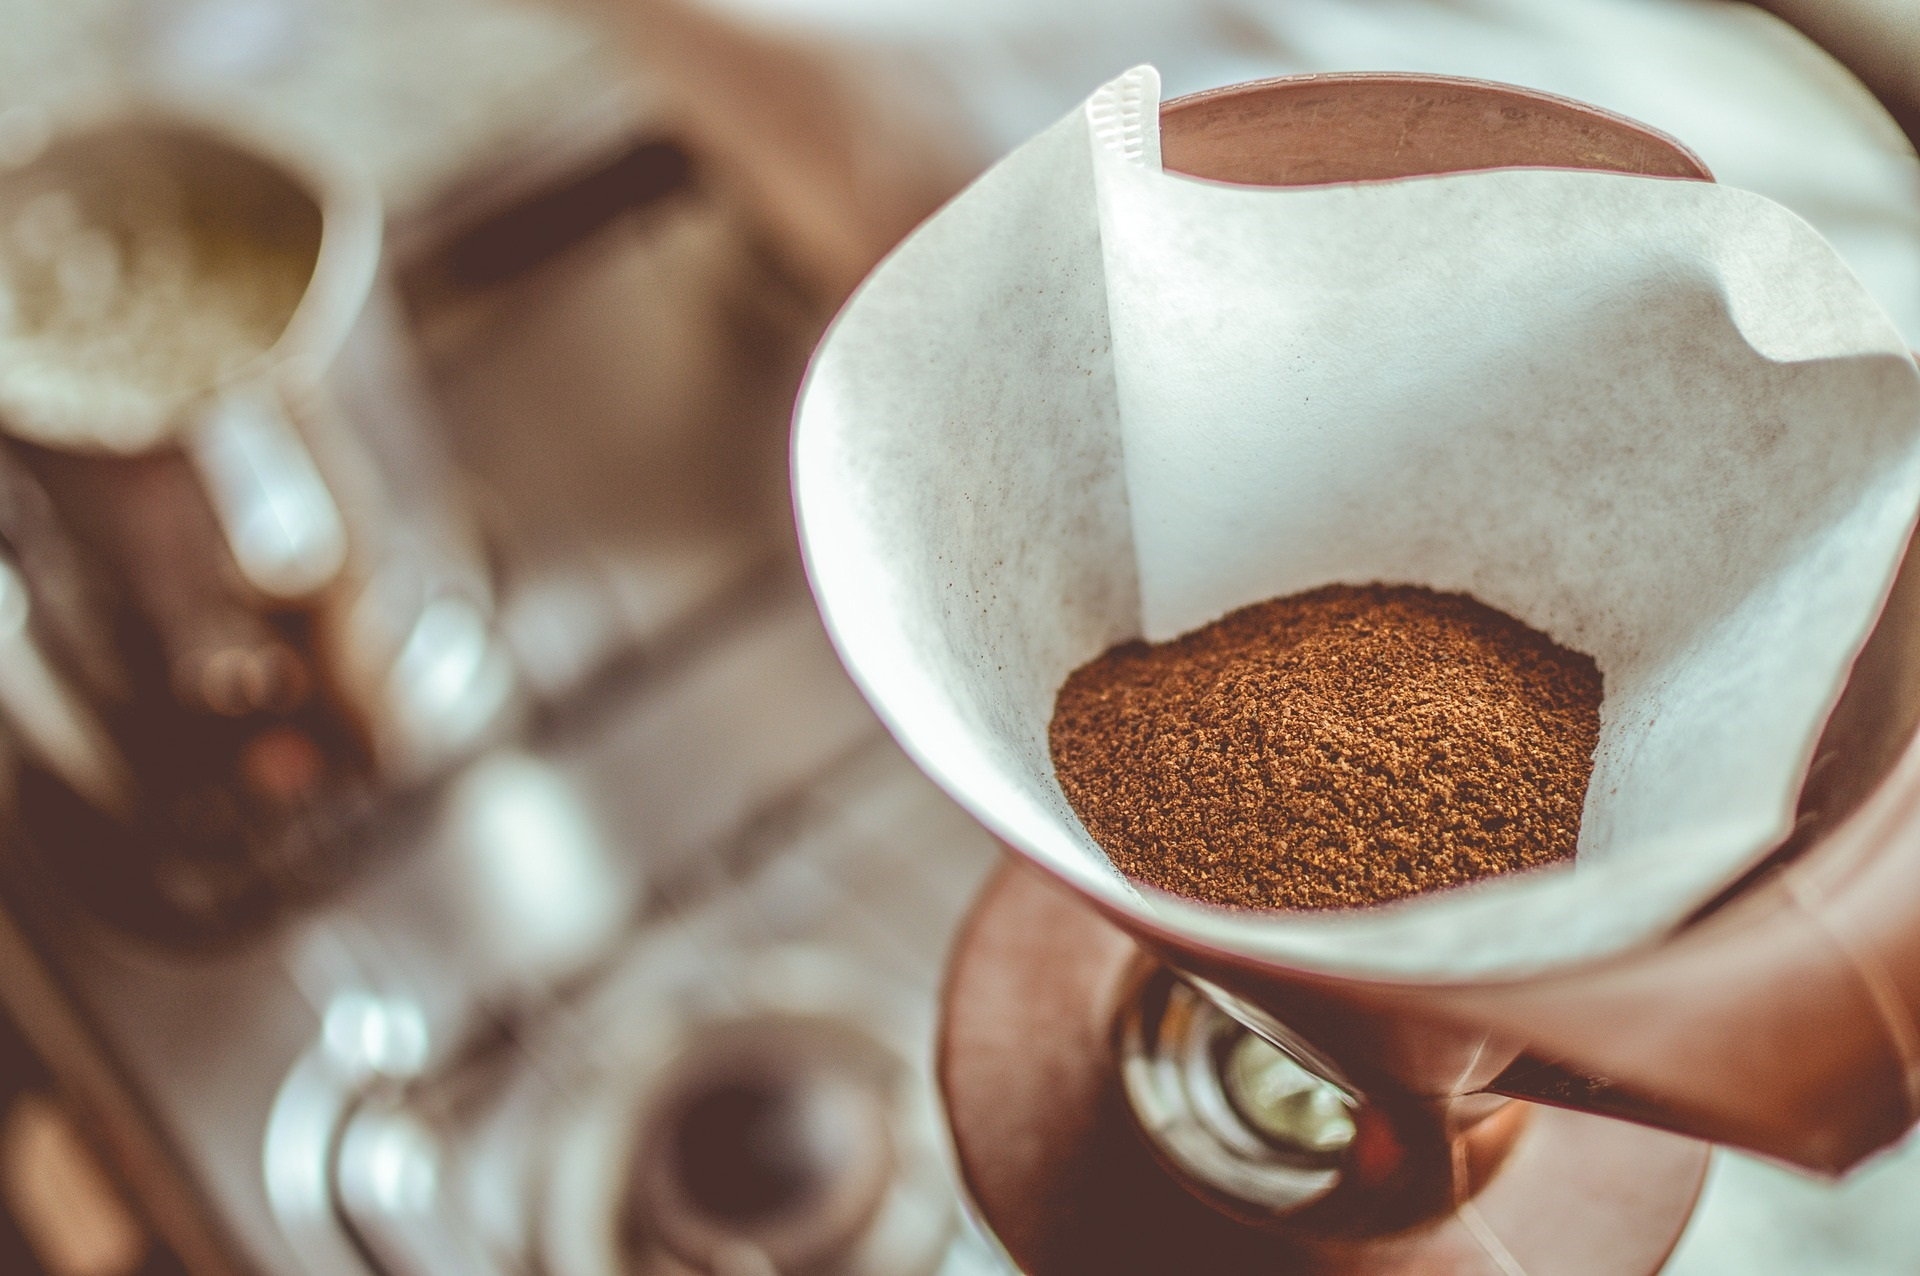 Filterkaffee: Test & Empfehlungen (09/20)